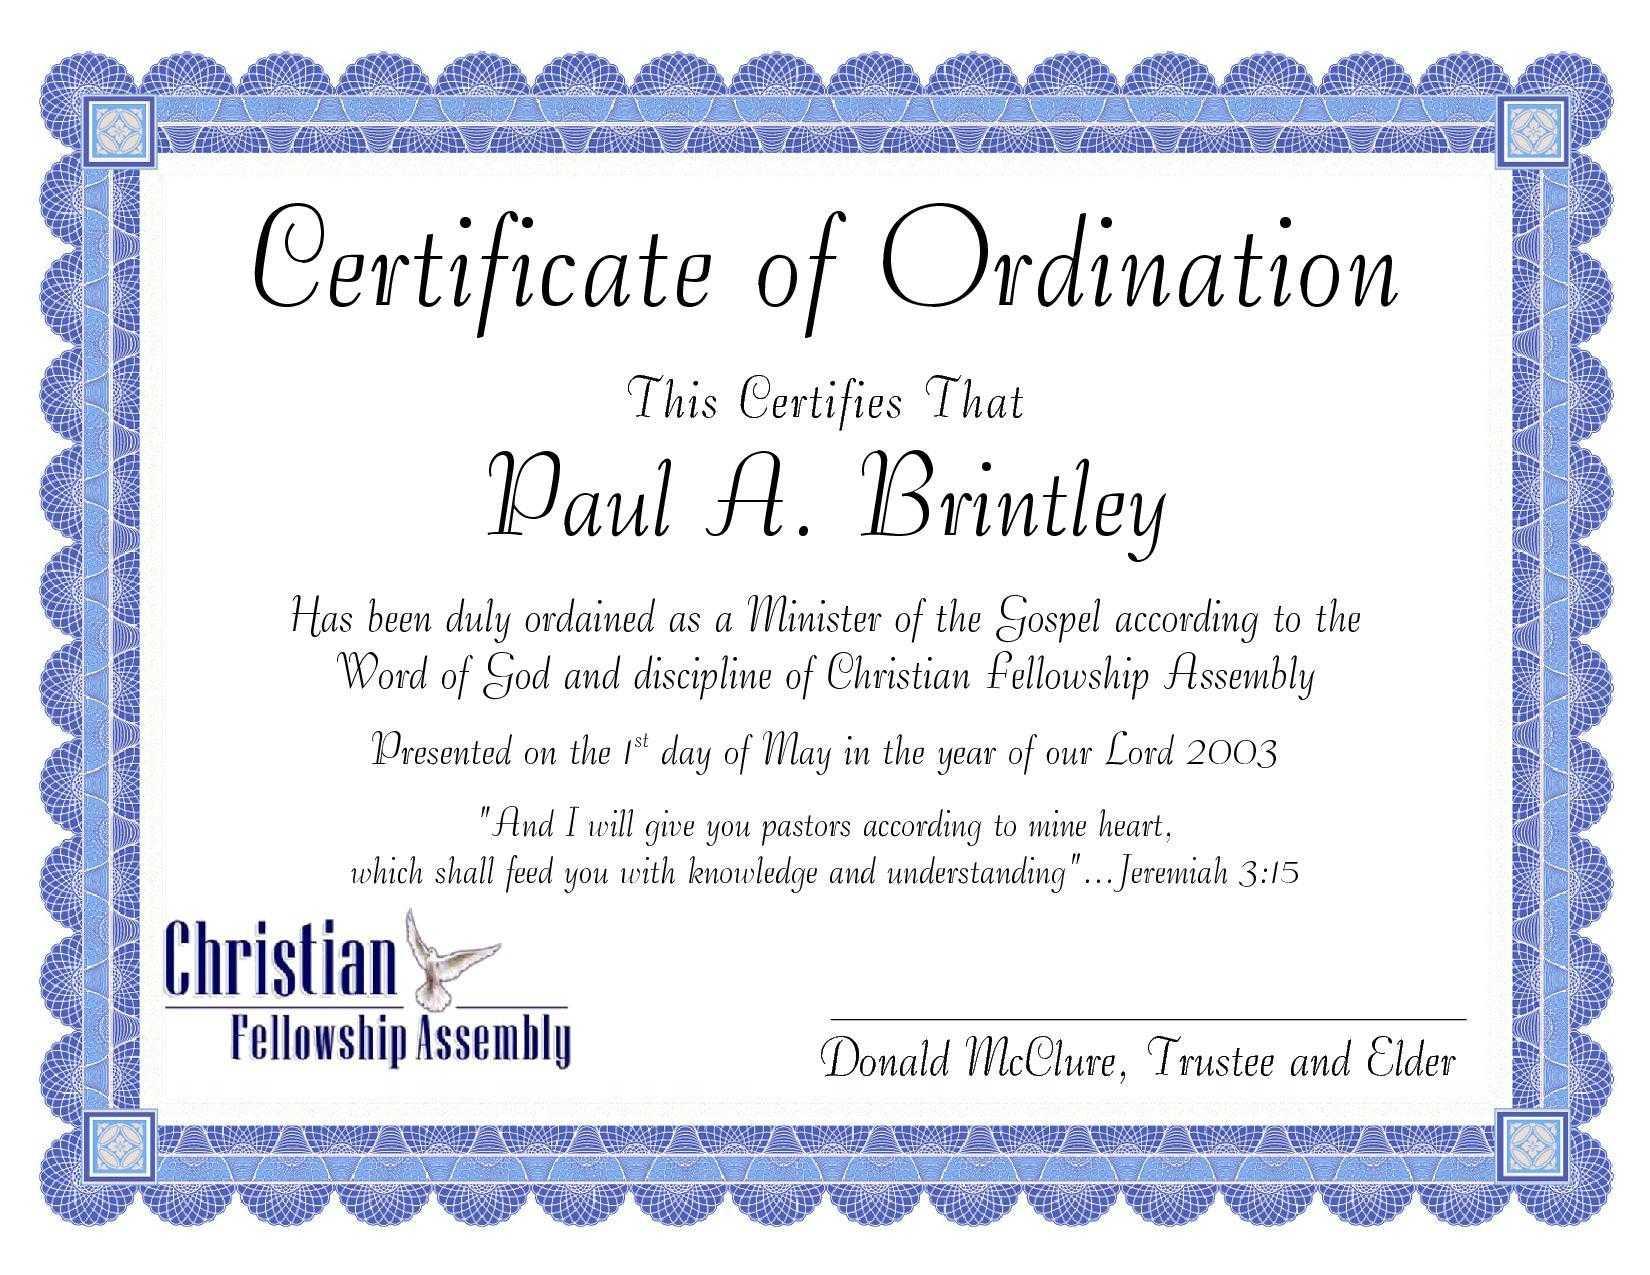 Pastoral Ordination Certificatepatricia Clay - Issuu For Certificate Of Ordination Template